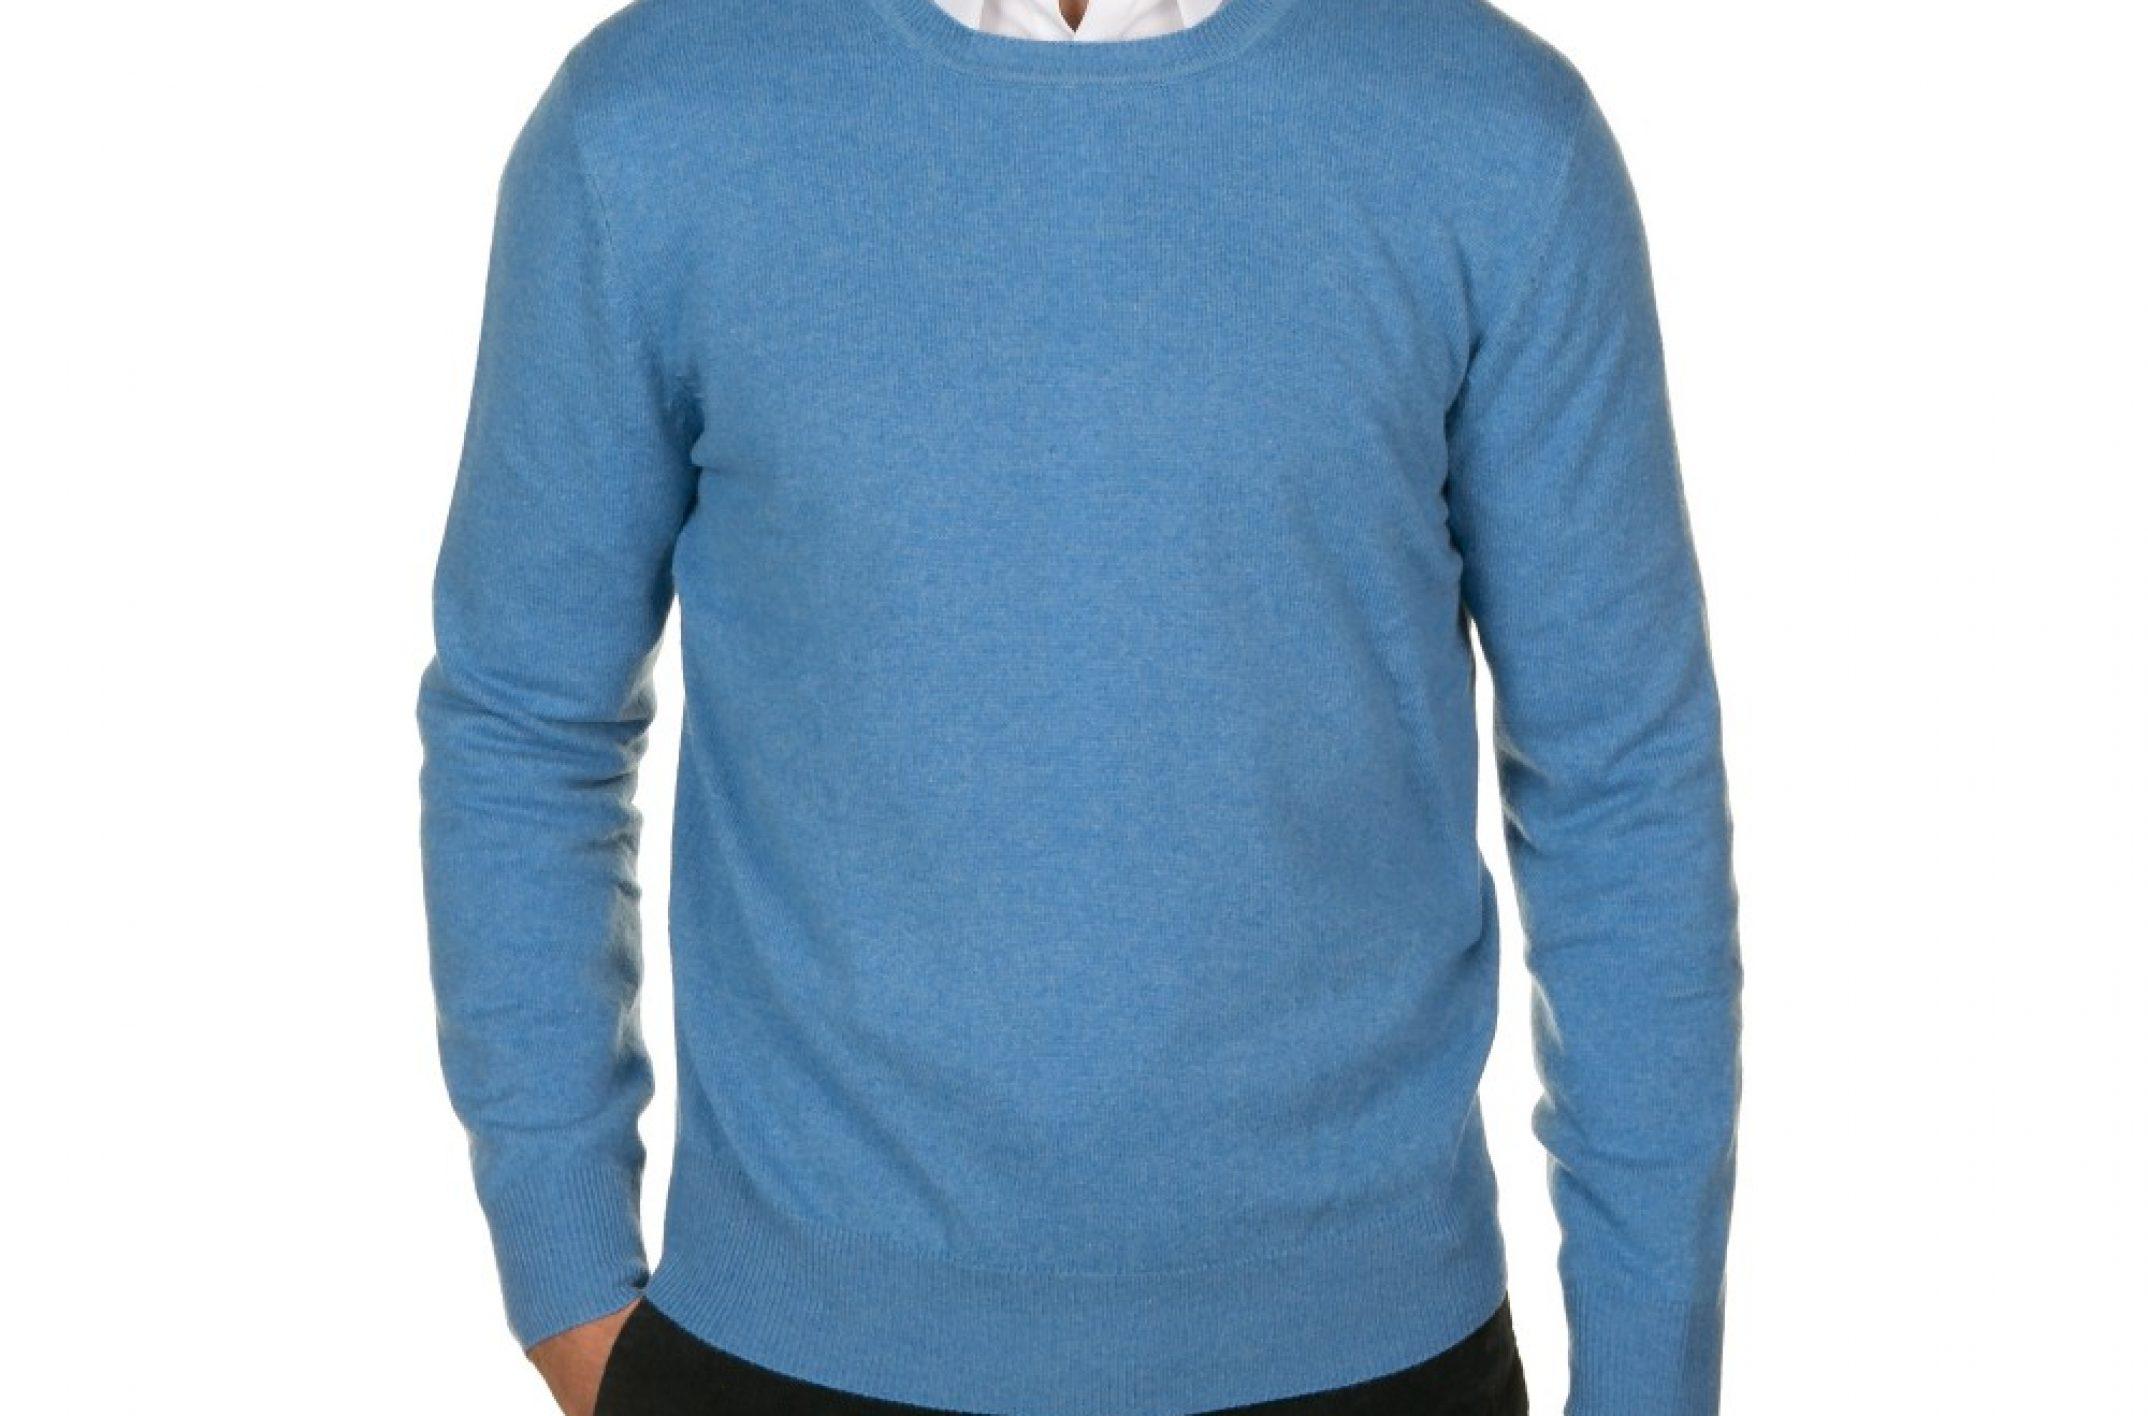 Un pull cachemire monoprix vous assure la qualité et le confort à petit prix